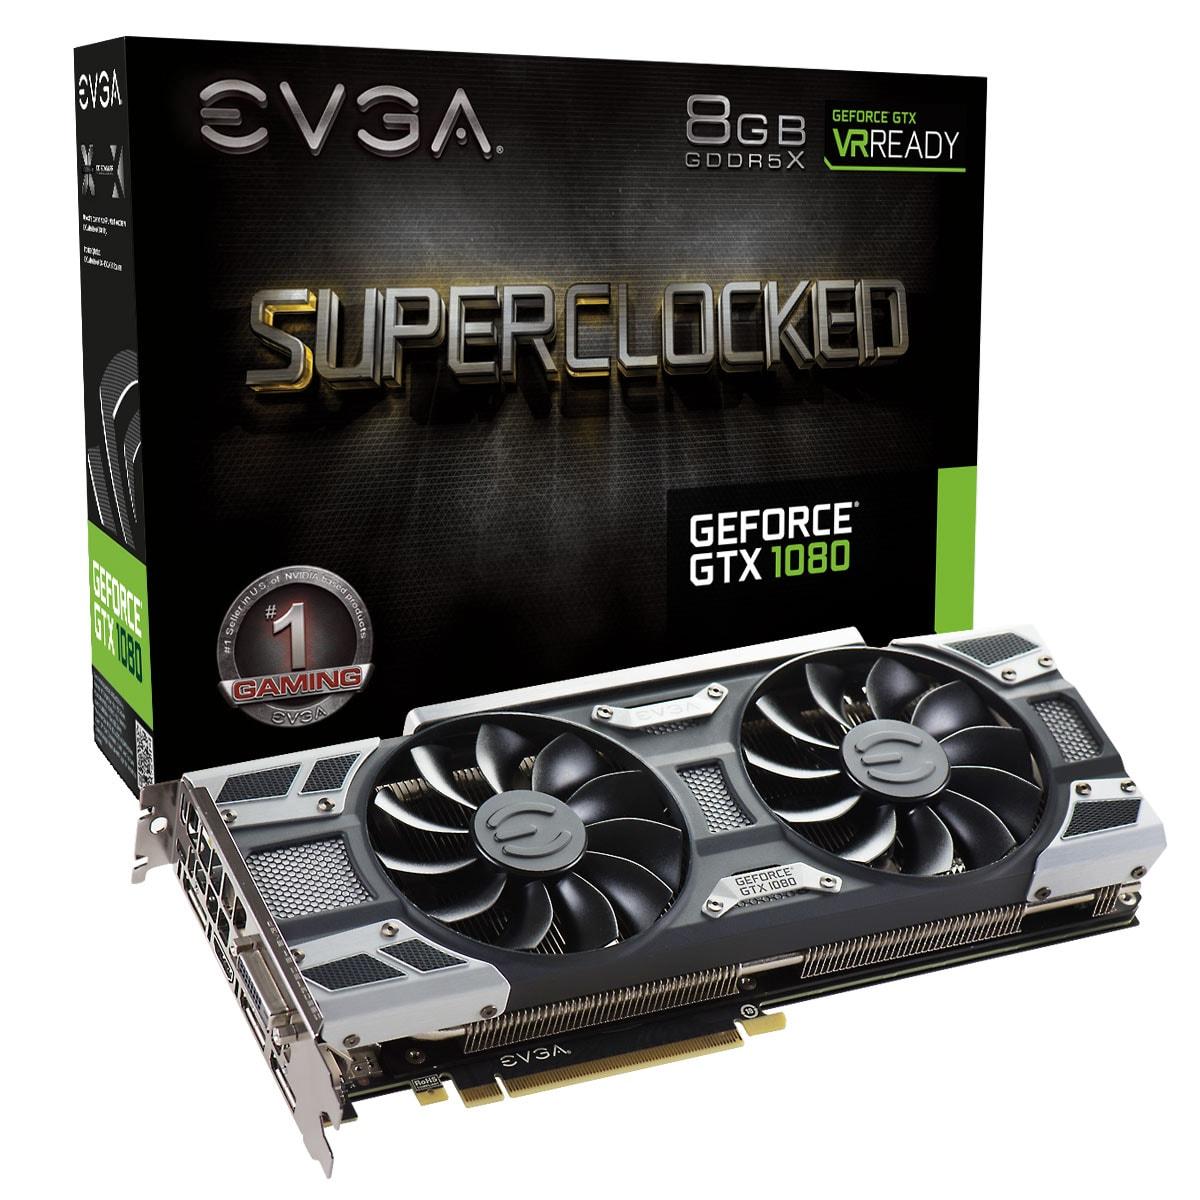 EVGA GTX 1080 SC Gaming 6183 8Go - Carte graphique EVGA - 0